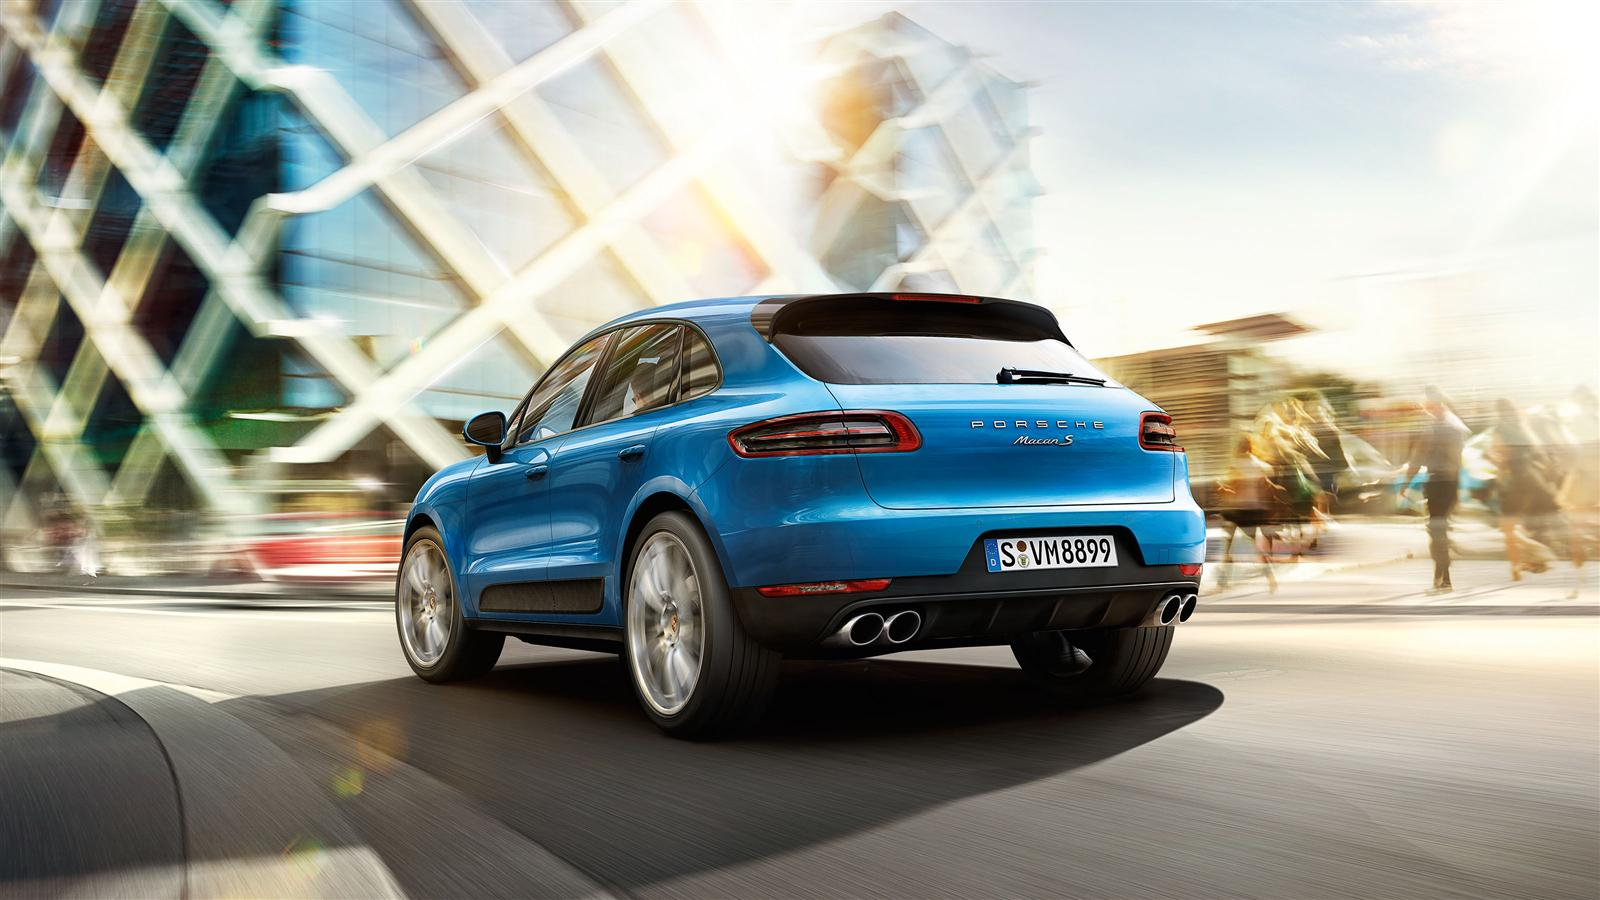 Porsche 4k uhd 169 wallpapers hd desktop backgrounds